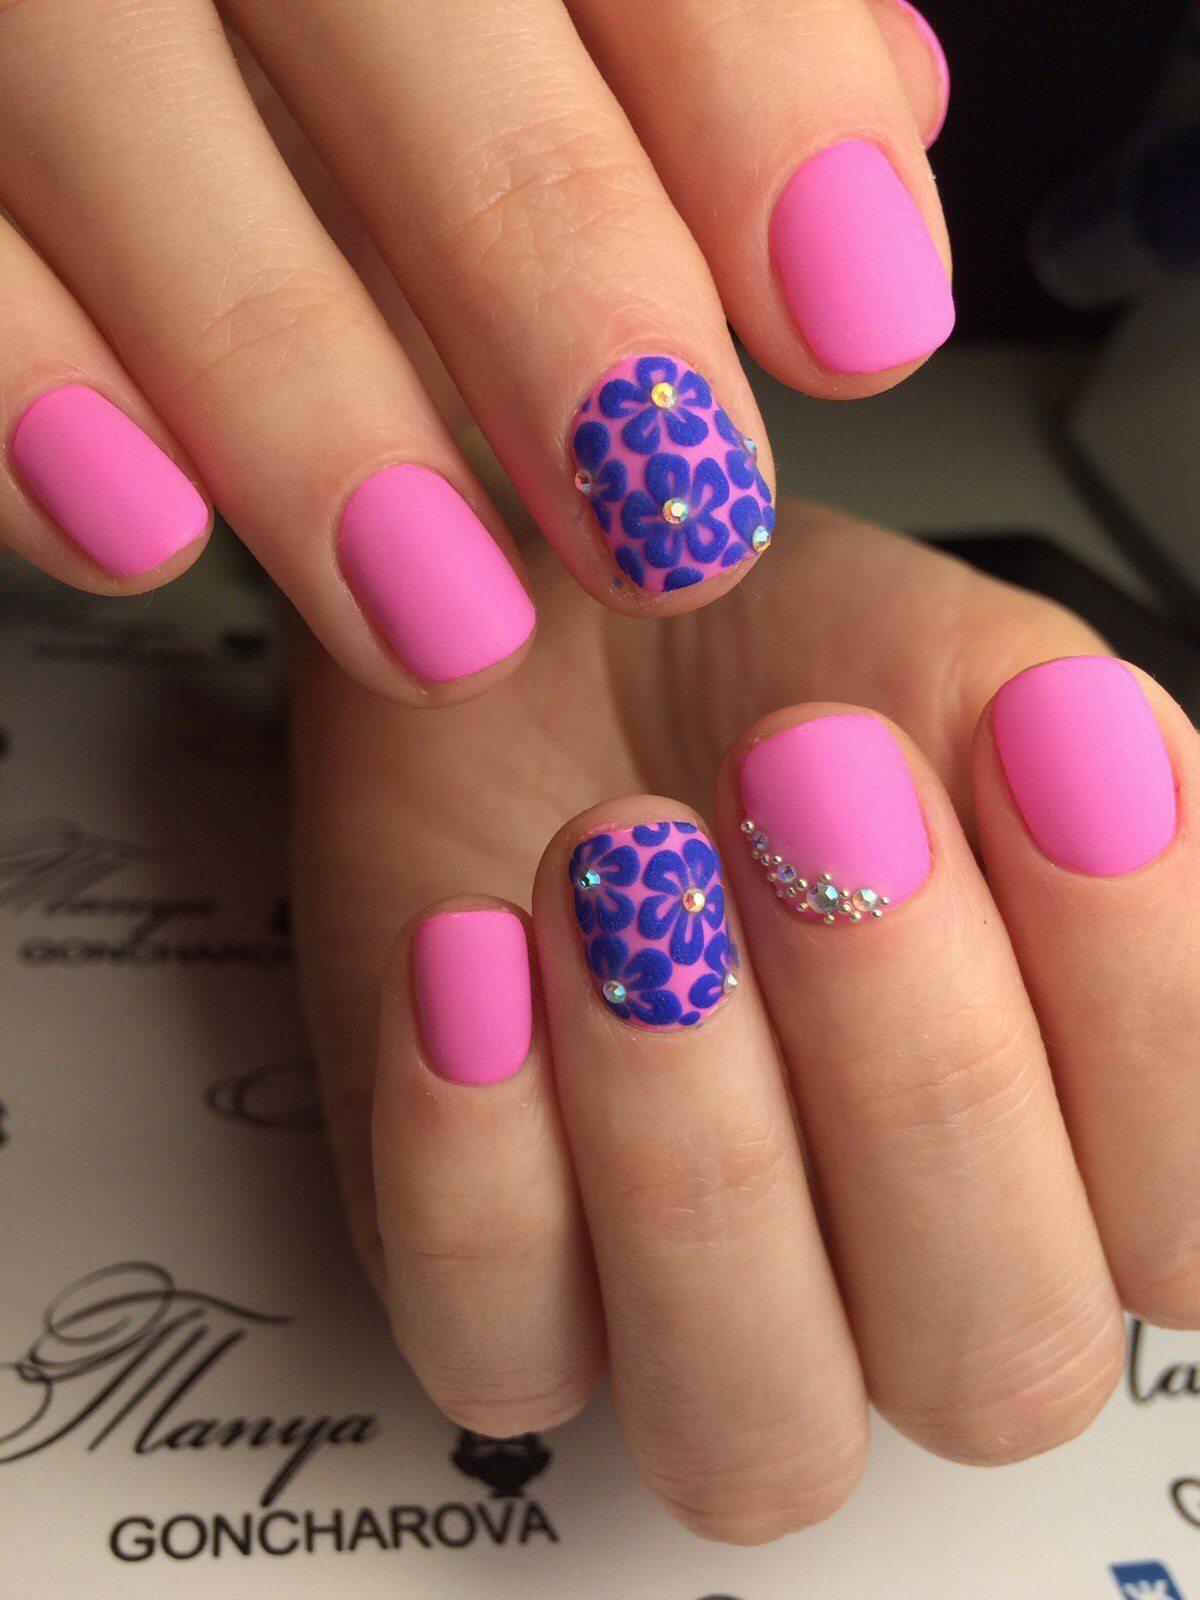 Дизайн ногтей «Цветы»: идеи цветочного маникюра с фото, новинки 2018